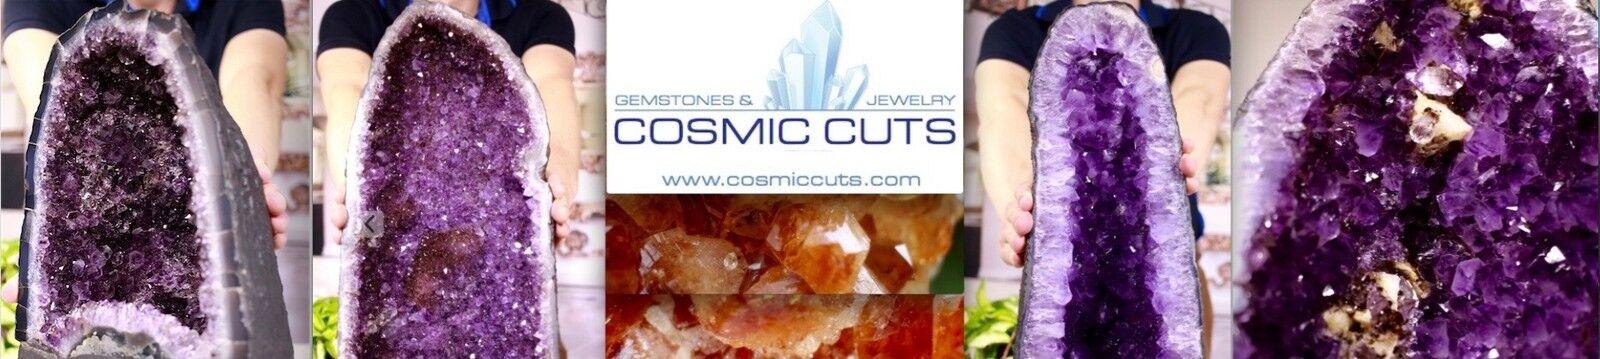 CosmicCuts